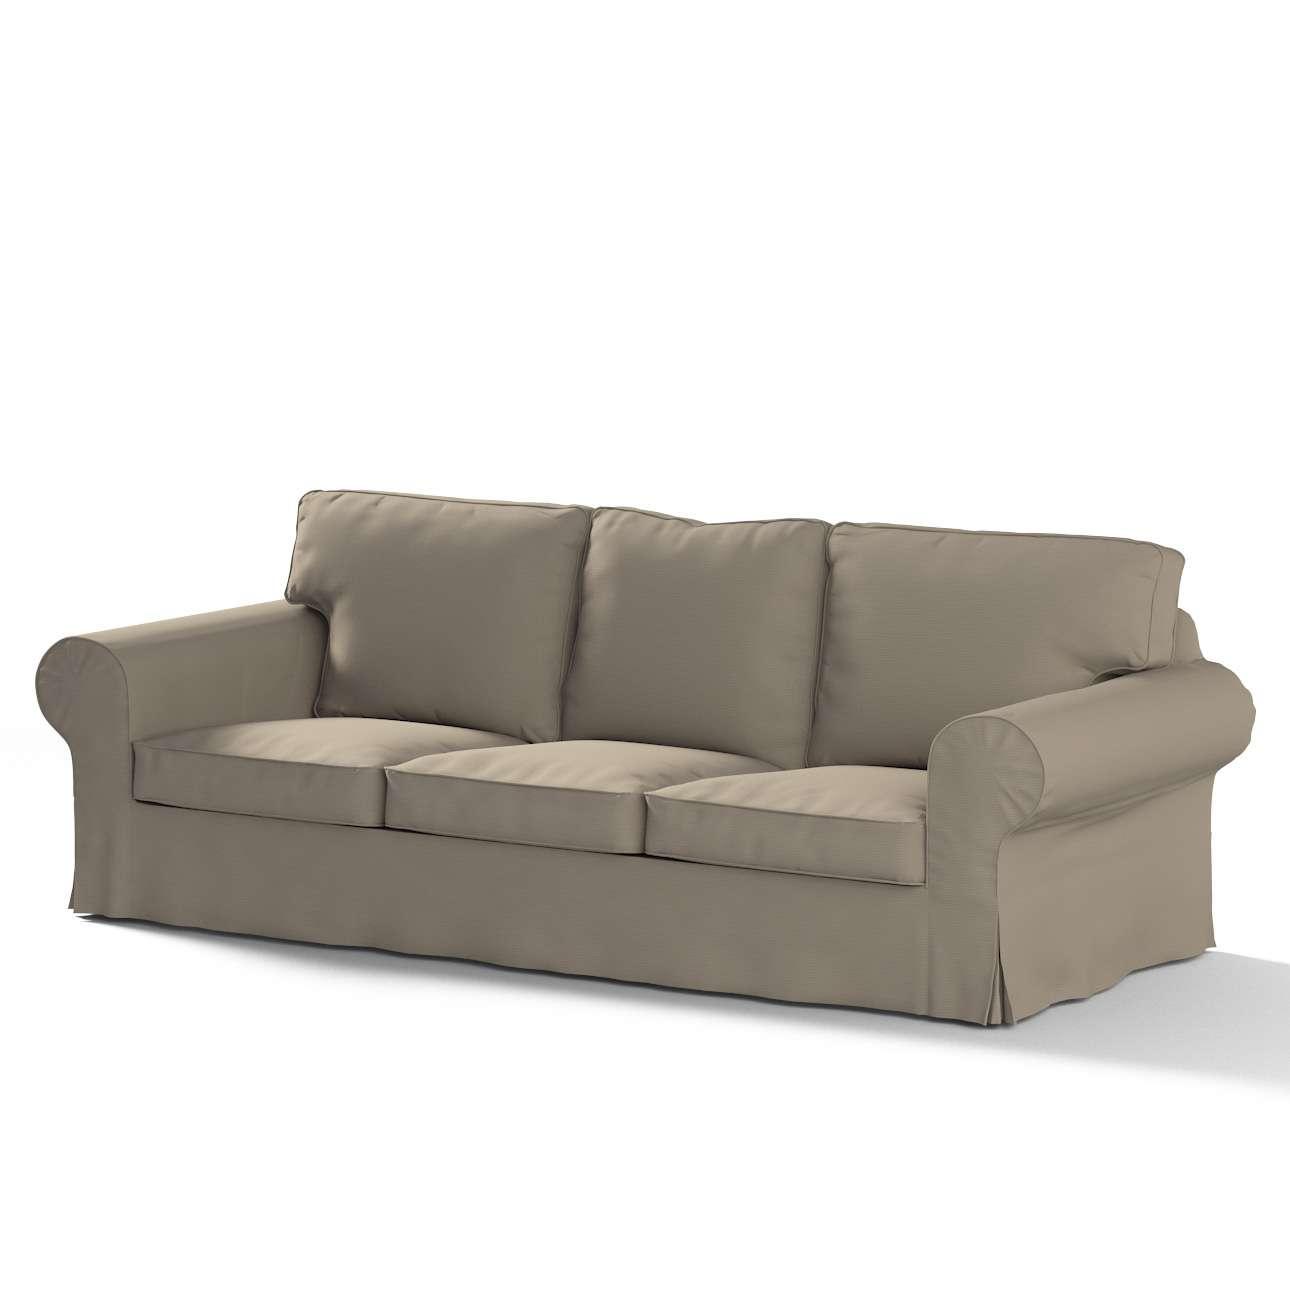 Ektorp trivietės sofos užvalkalas Ektorp trivietės sofos užvalkalas kolekcijoje Cotton Panama, audinys: 702-28